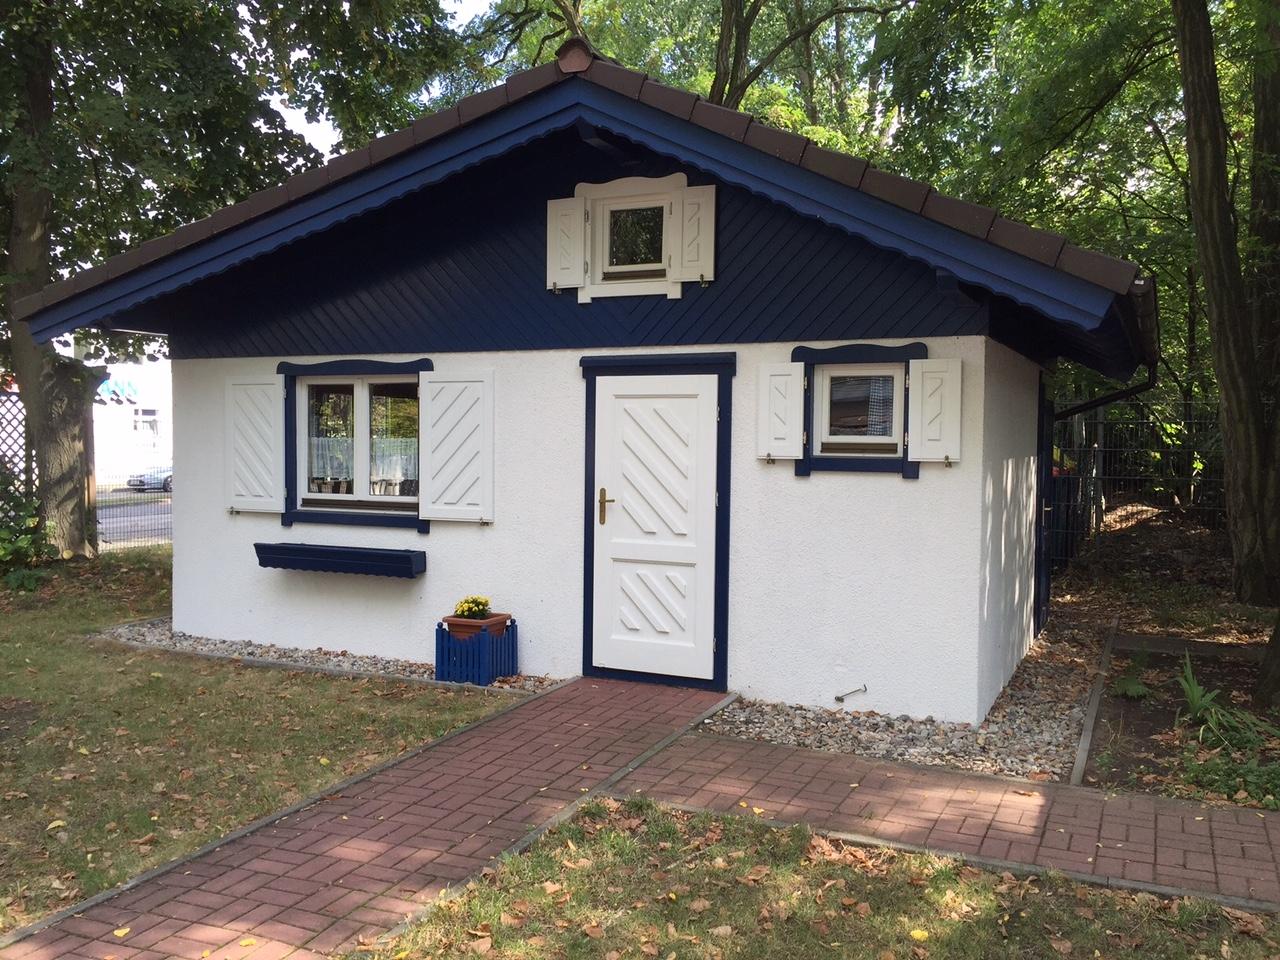 Gartenh user wendt haus - Gartenhaus isoliert ...